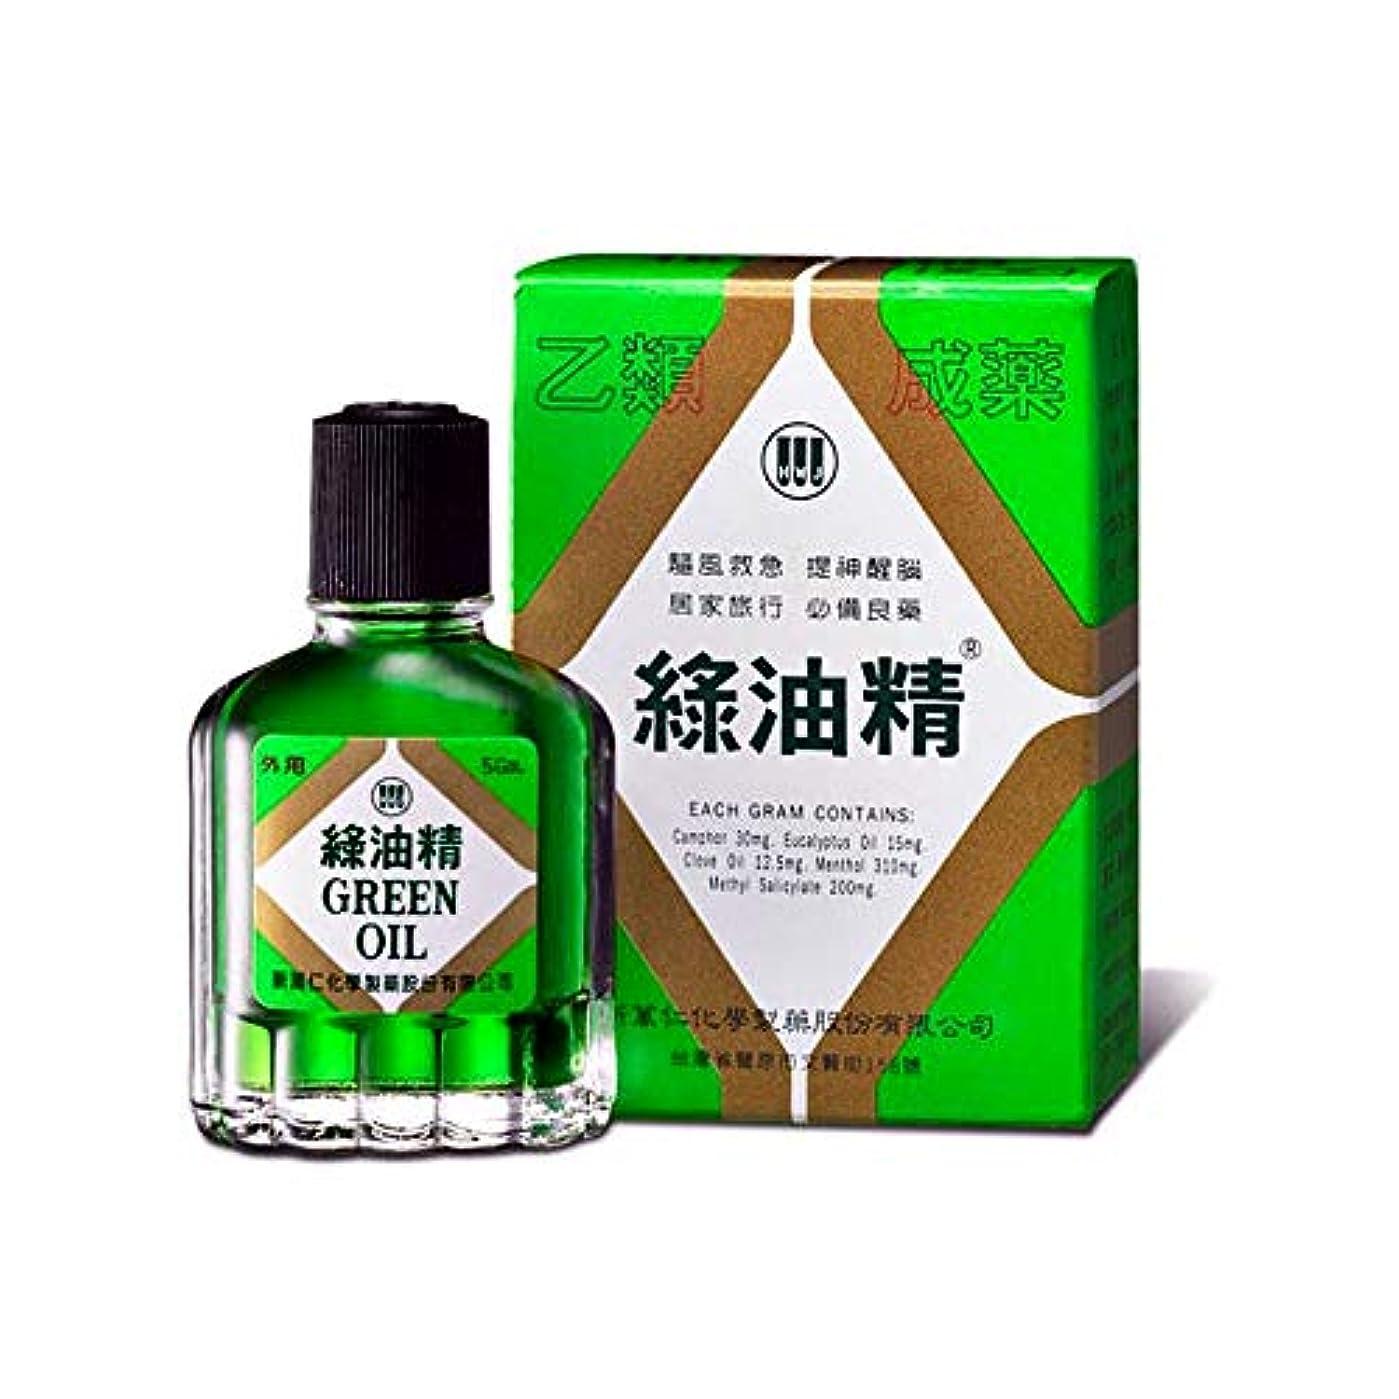 半球スリンク交響曲《新萬仁》台湾の万能グリーンオイル 緑油精 5g 《台湾 お土産》 [並行輸入品]